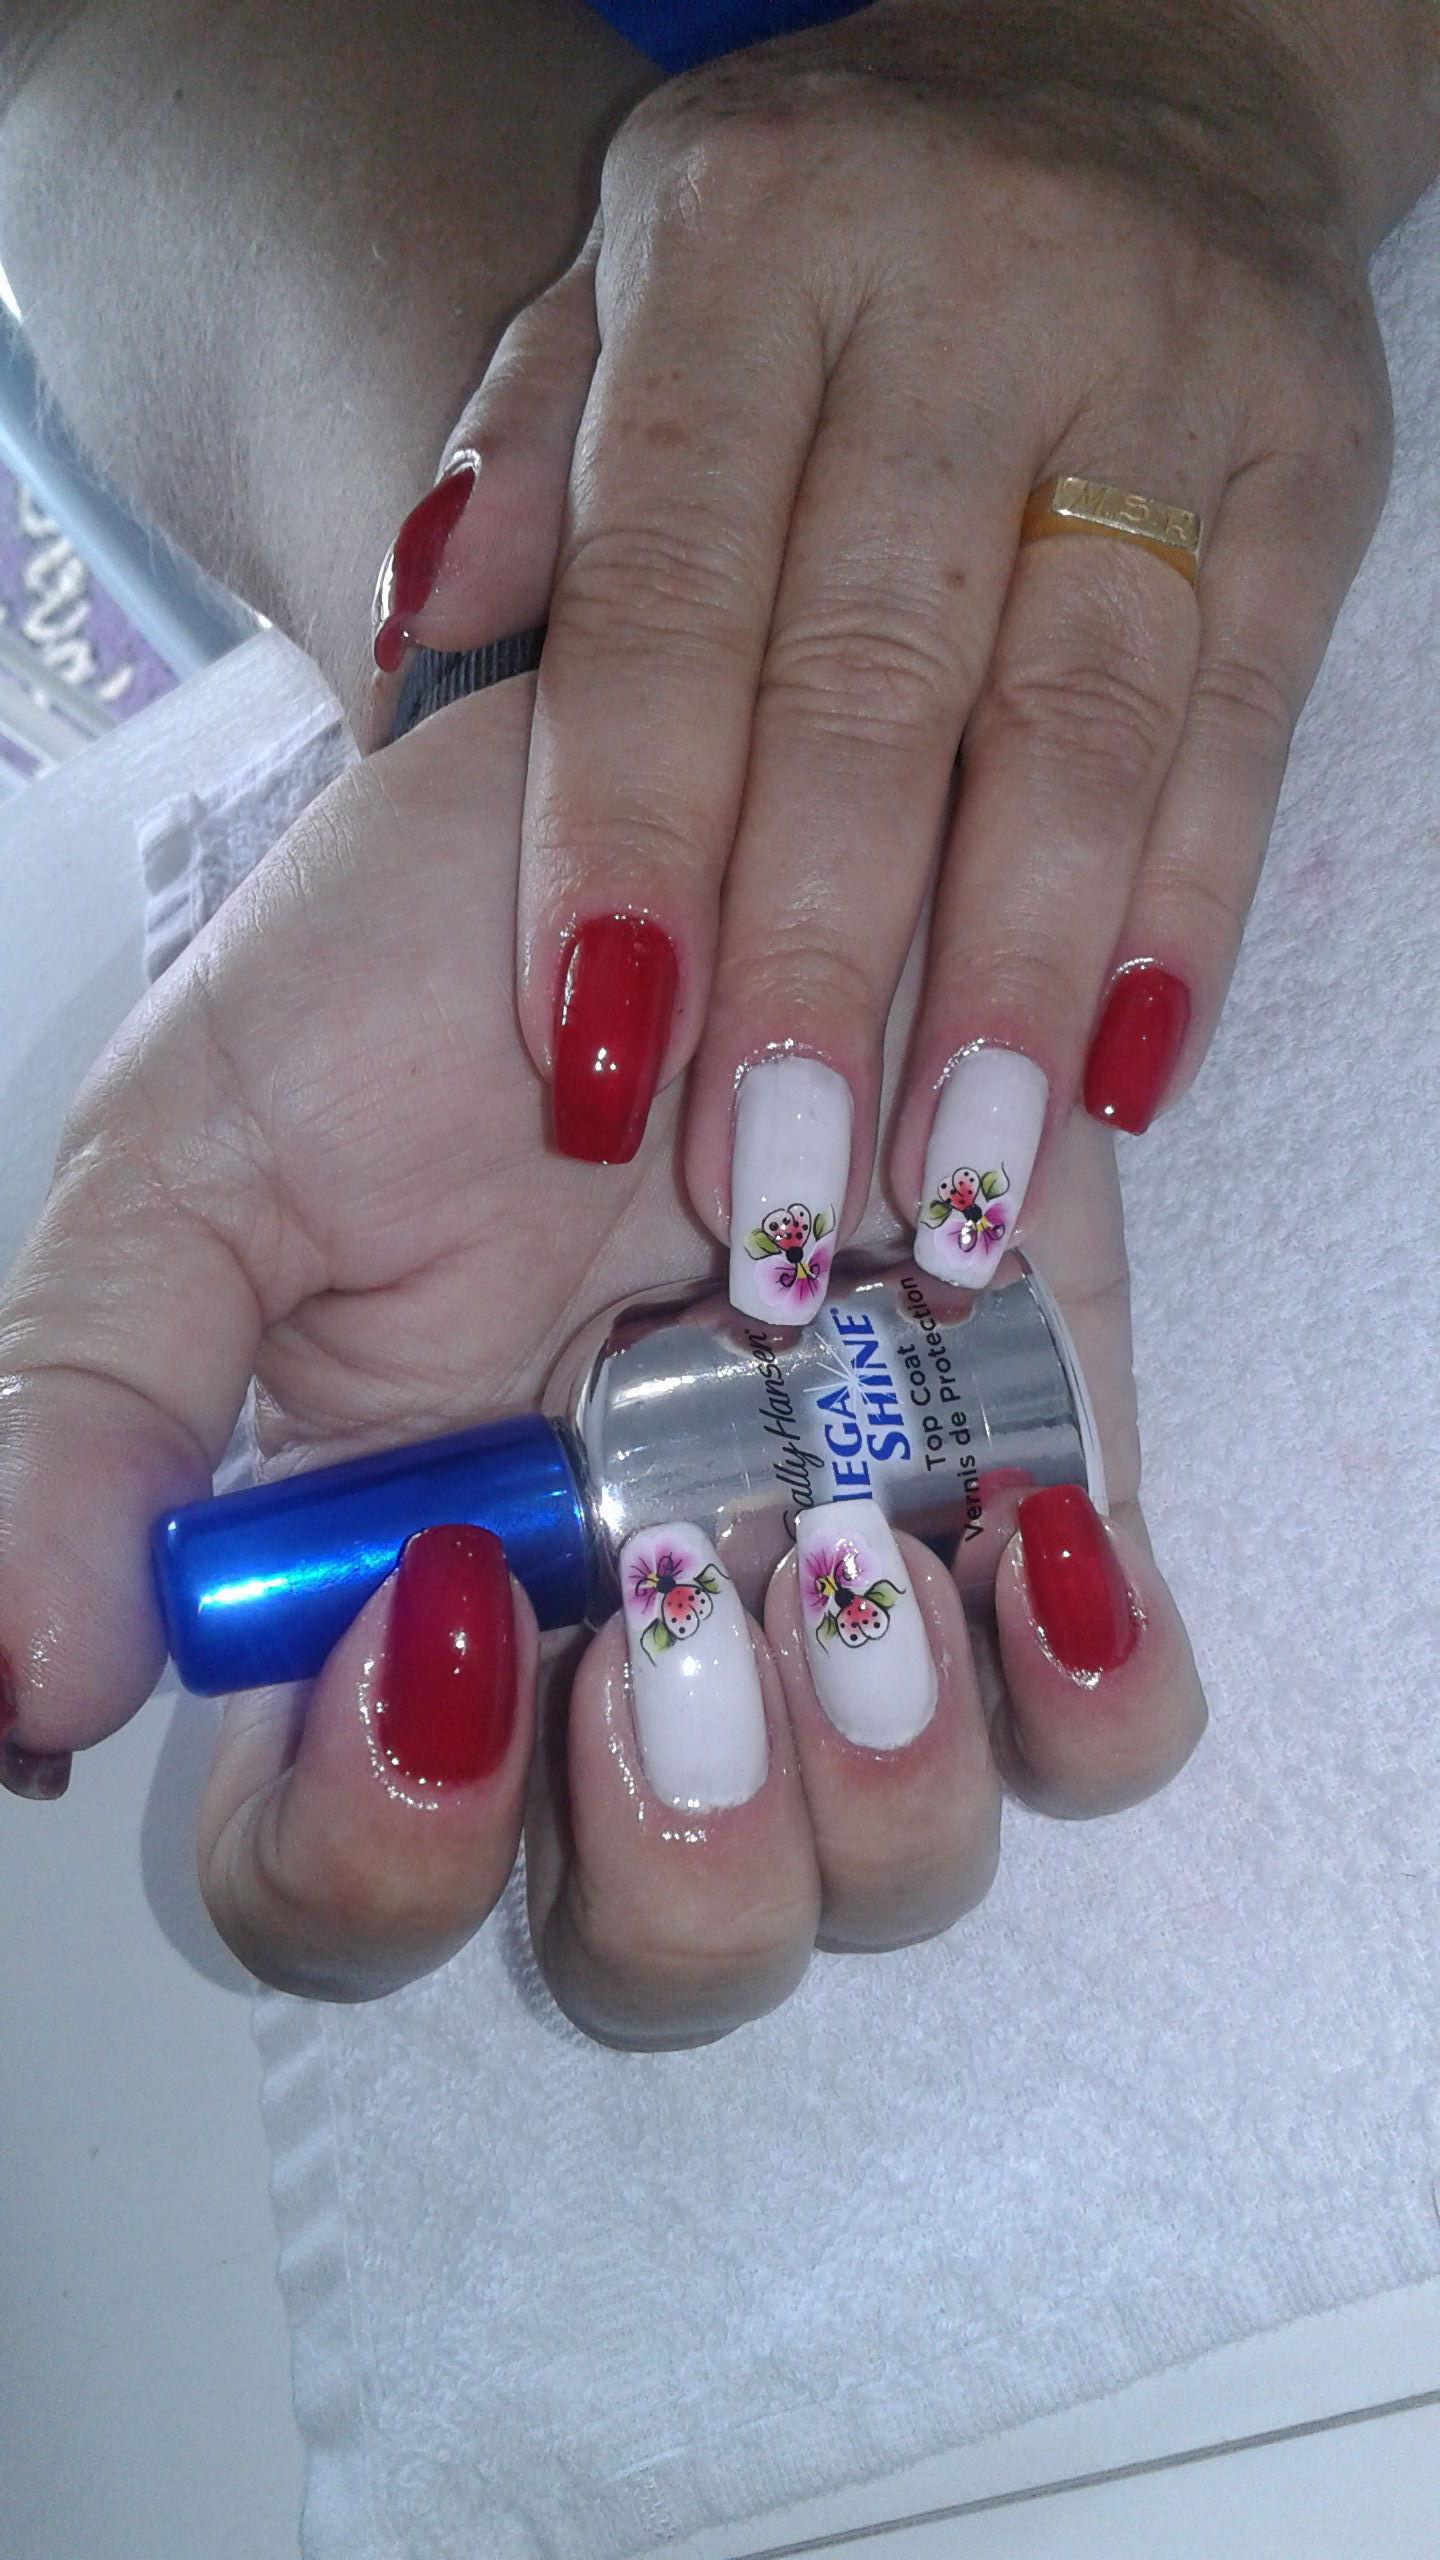 Banho de gel  e unhas decoradas 👌💅💅 unha manicure e pedicure